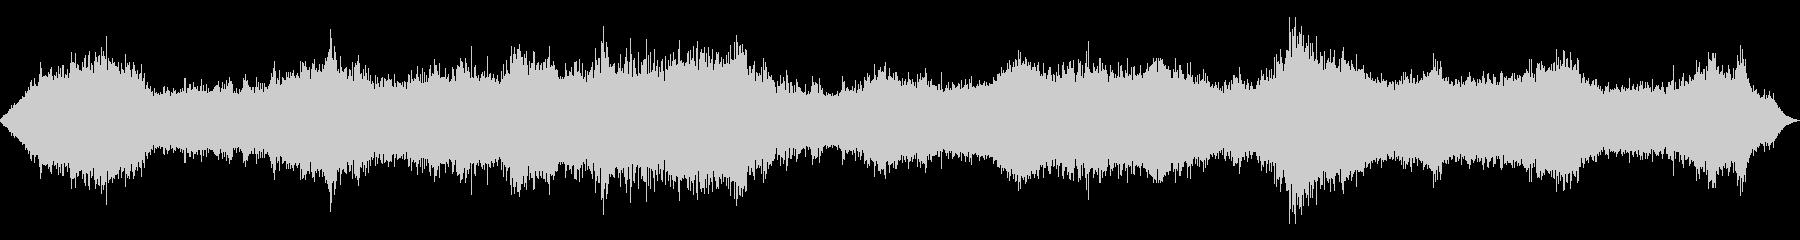 シーオーシャンストーム1-ヘビーウ...の未再生の波形